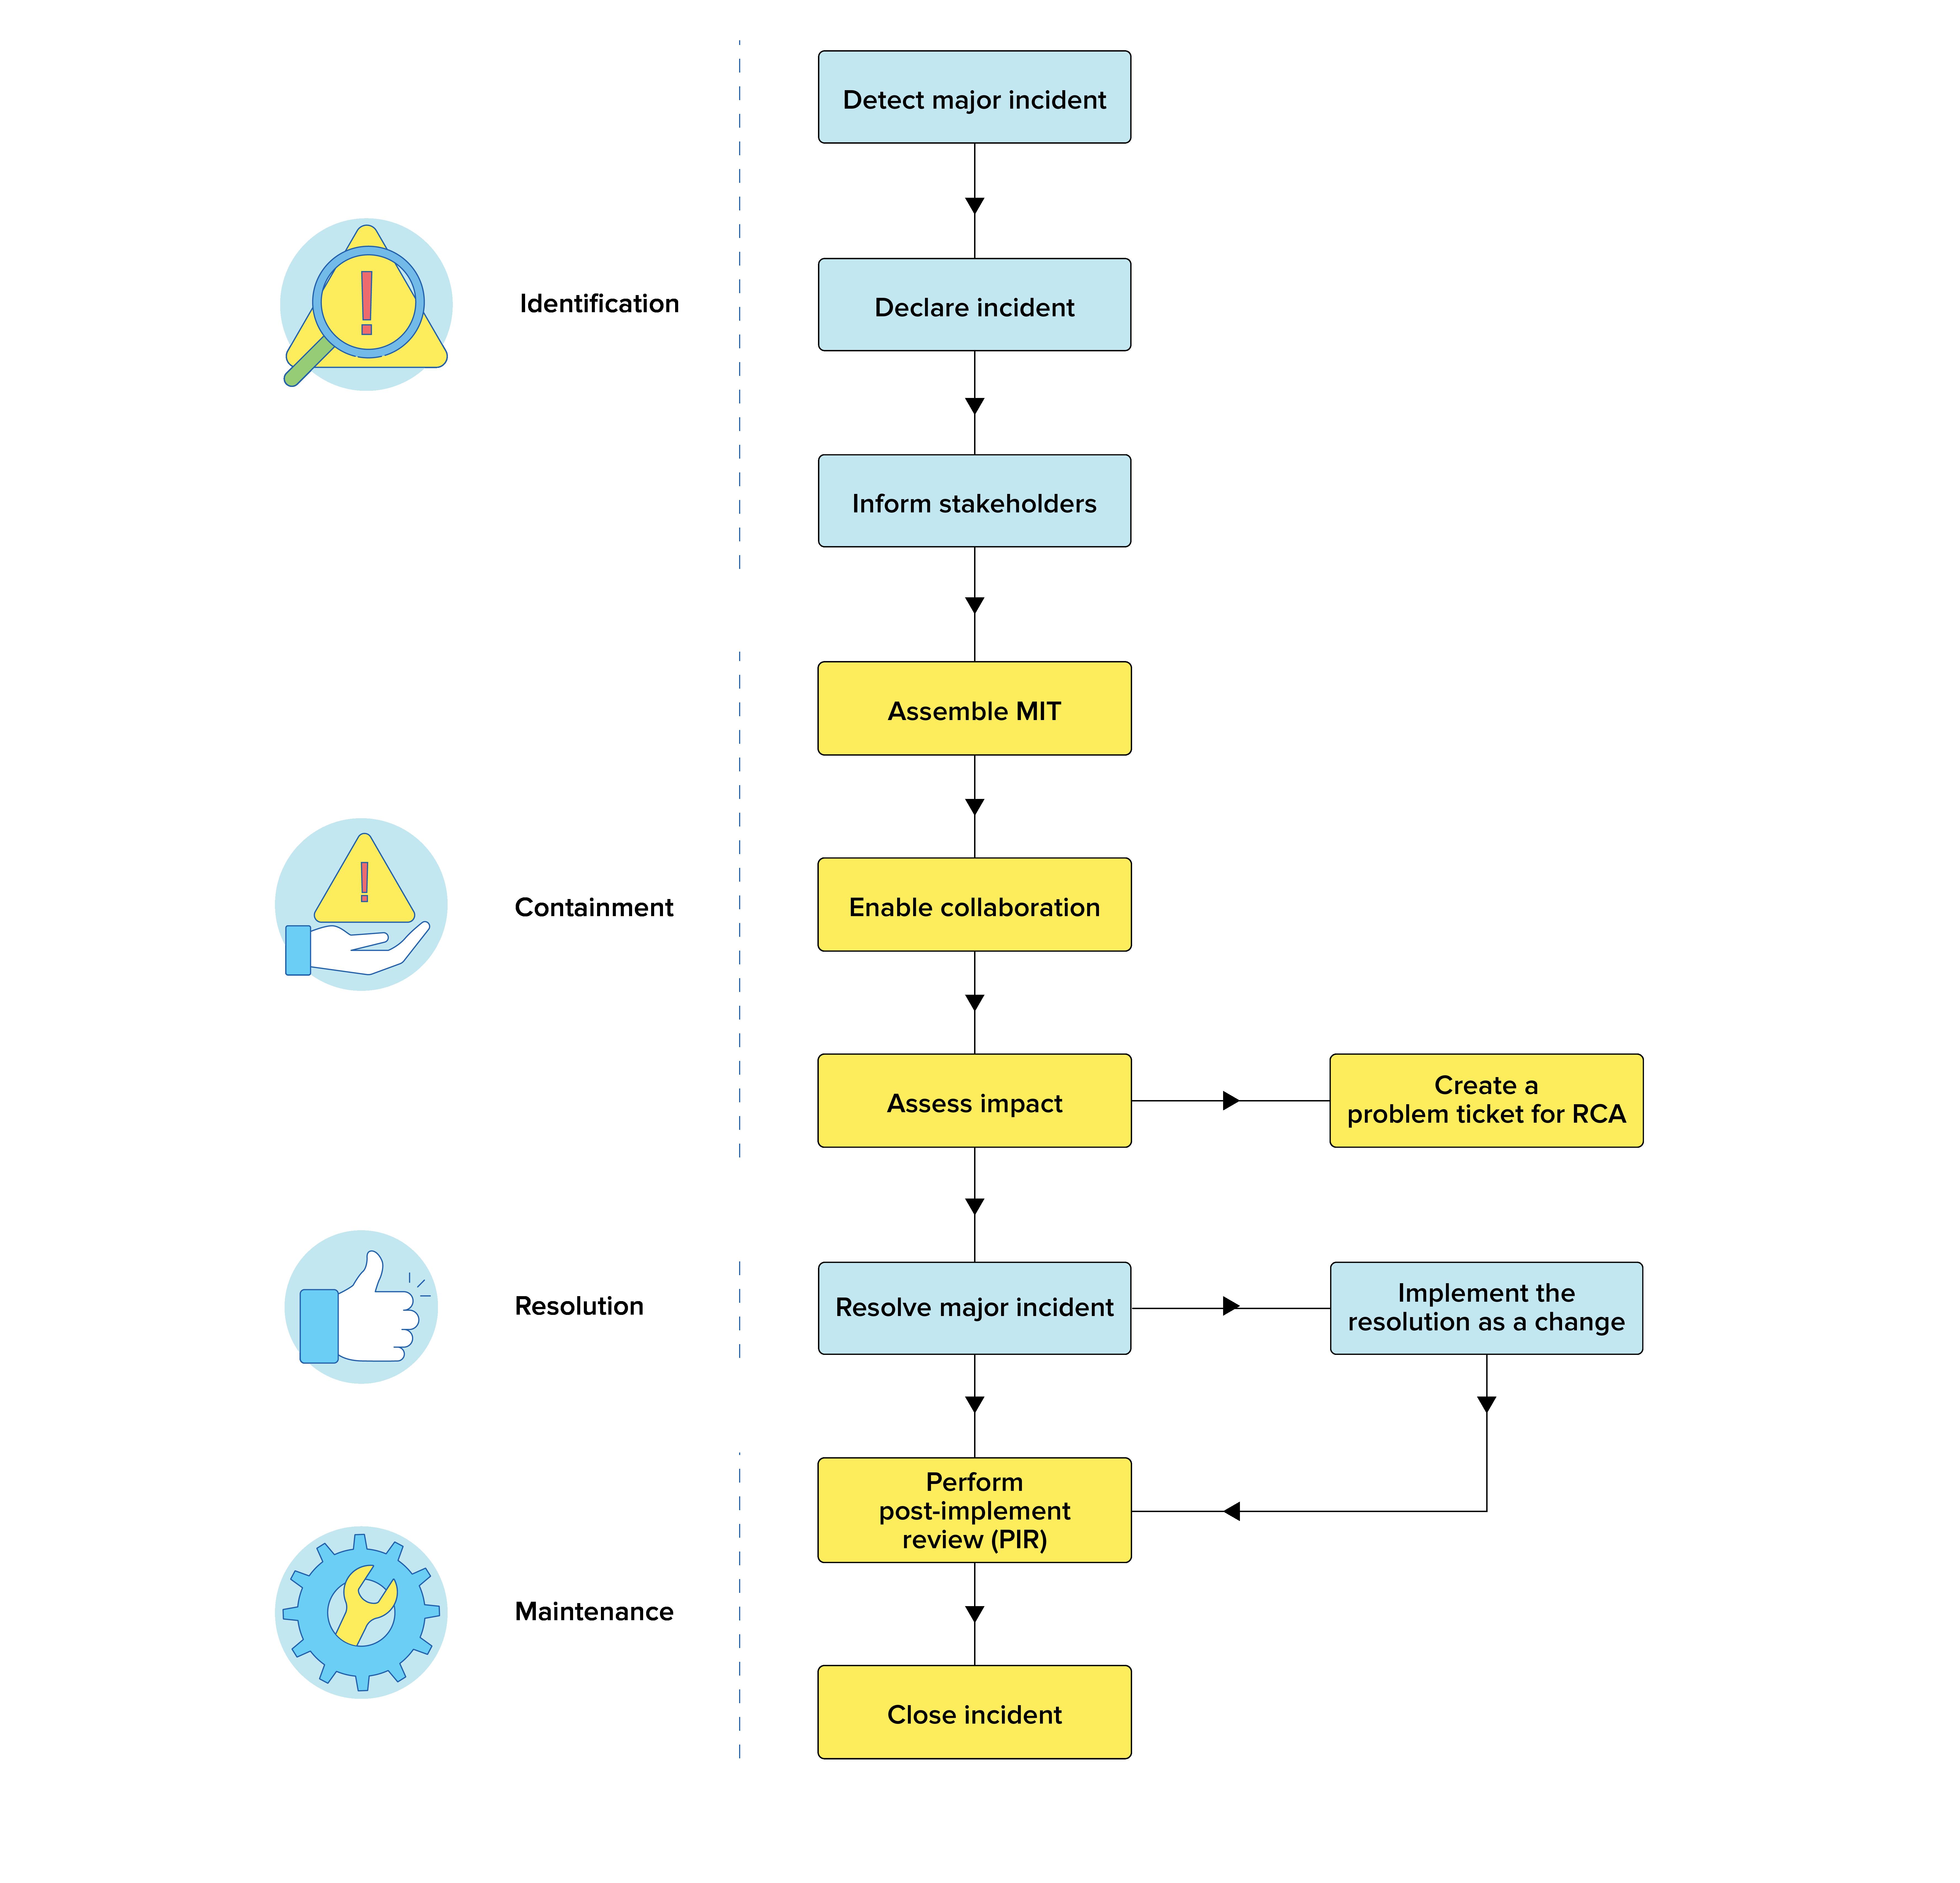 ITIL 重大事件管理流程图